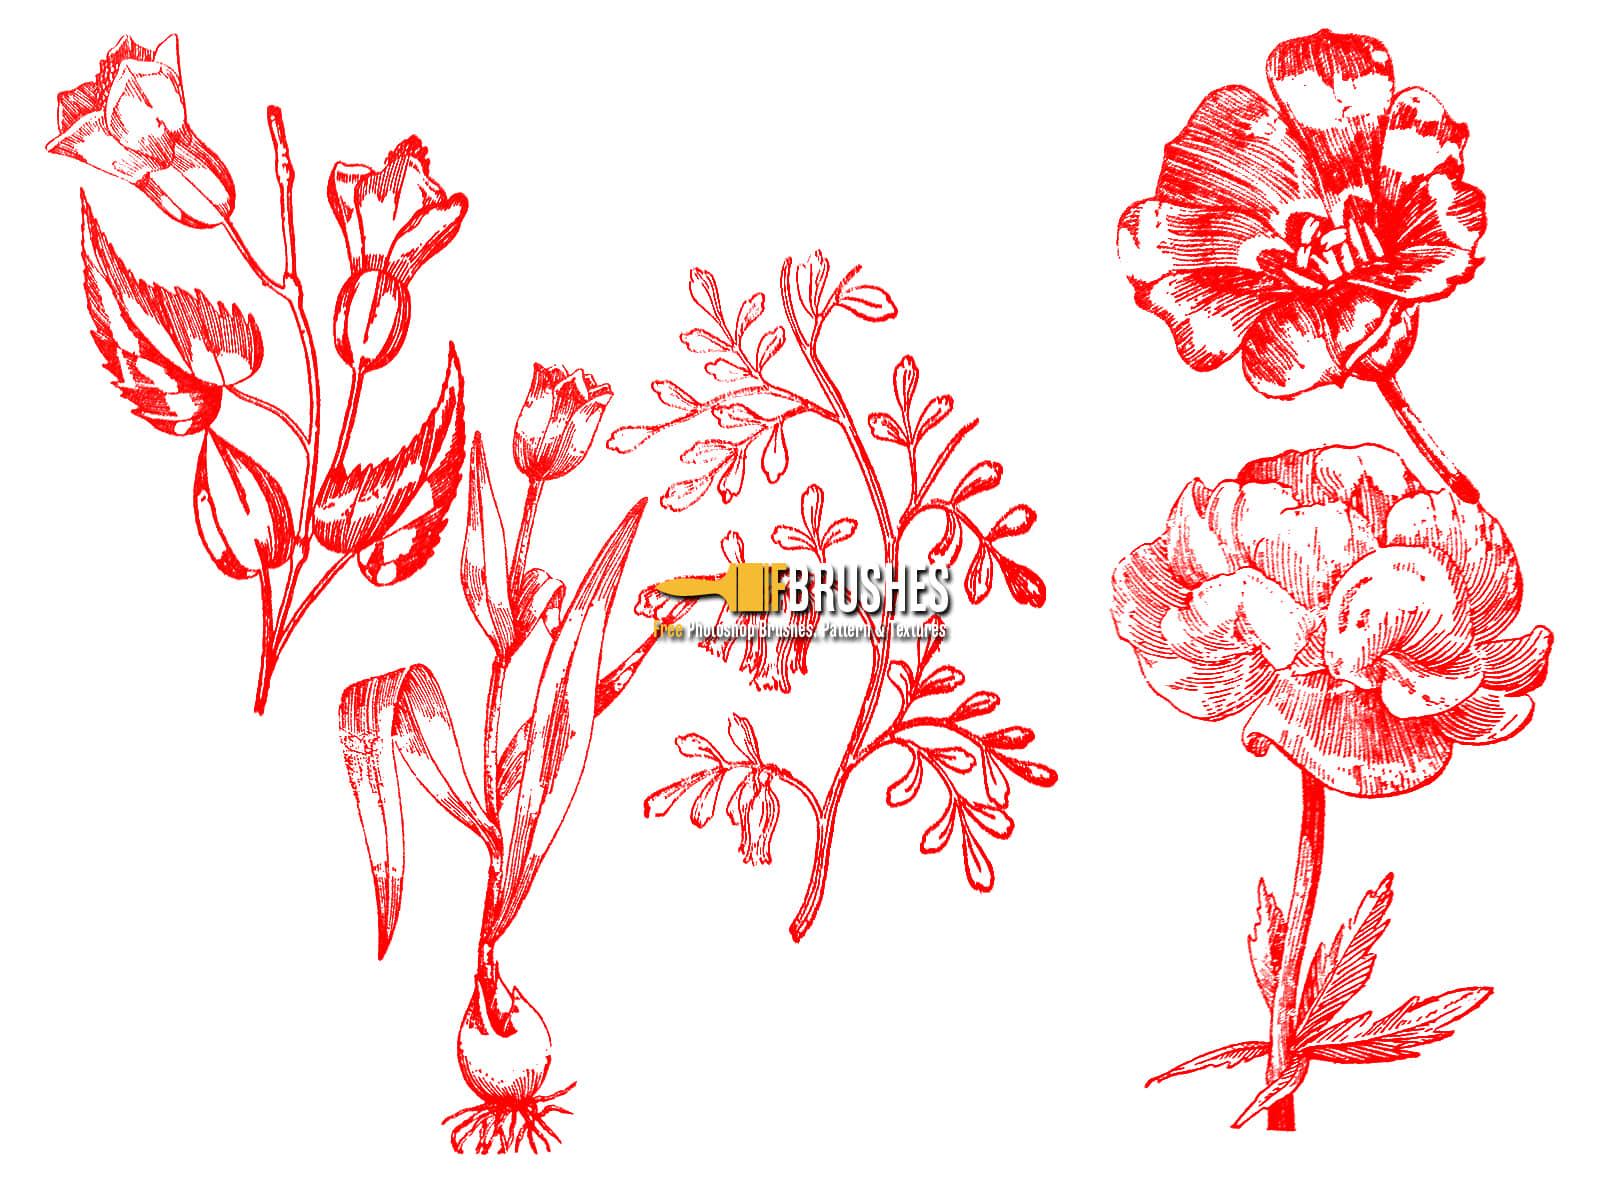 复古式植物鲜花图案、版刻花纹PS笔刷下载 花纹笔刷 版刻笔刷 植物花纹笔刷  flowers brushes